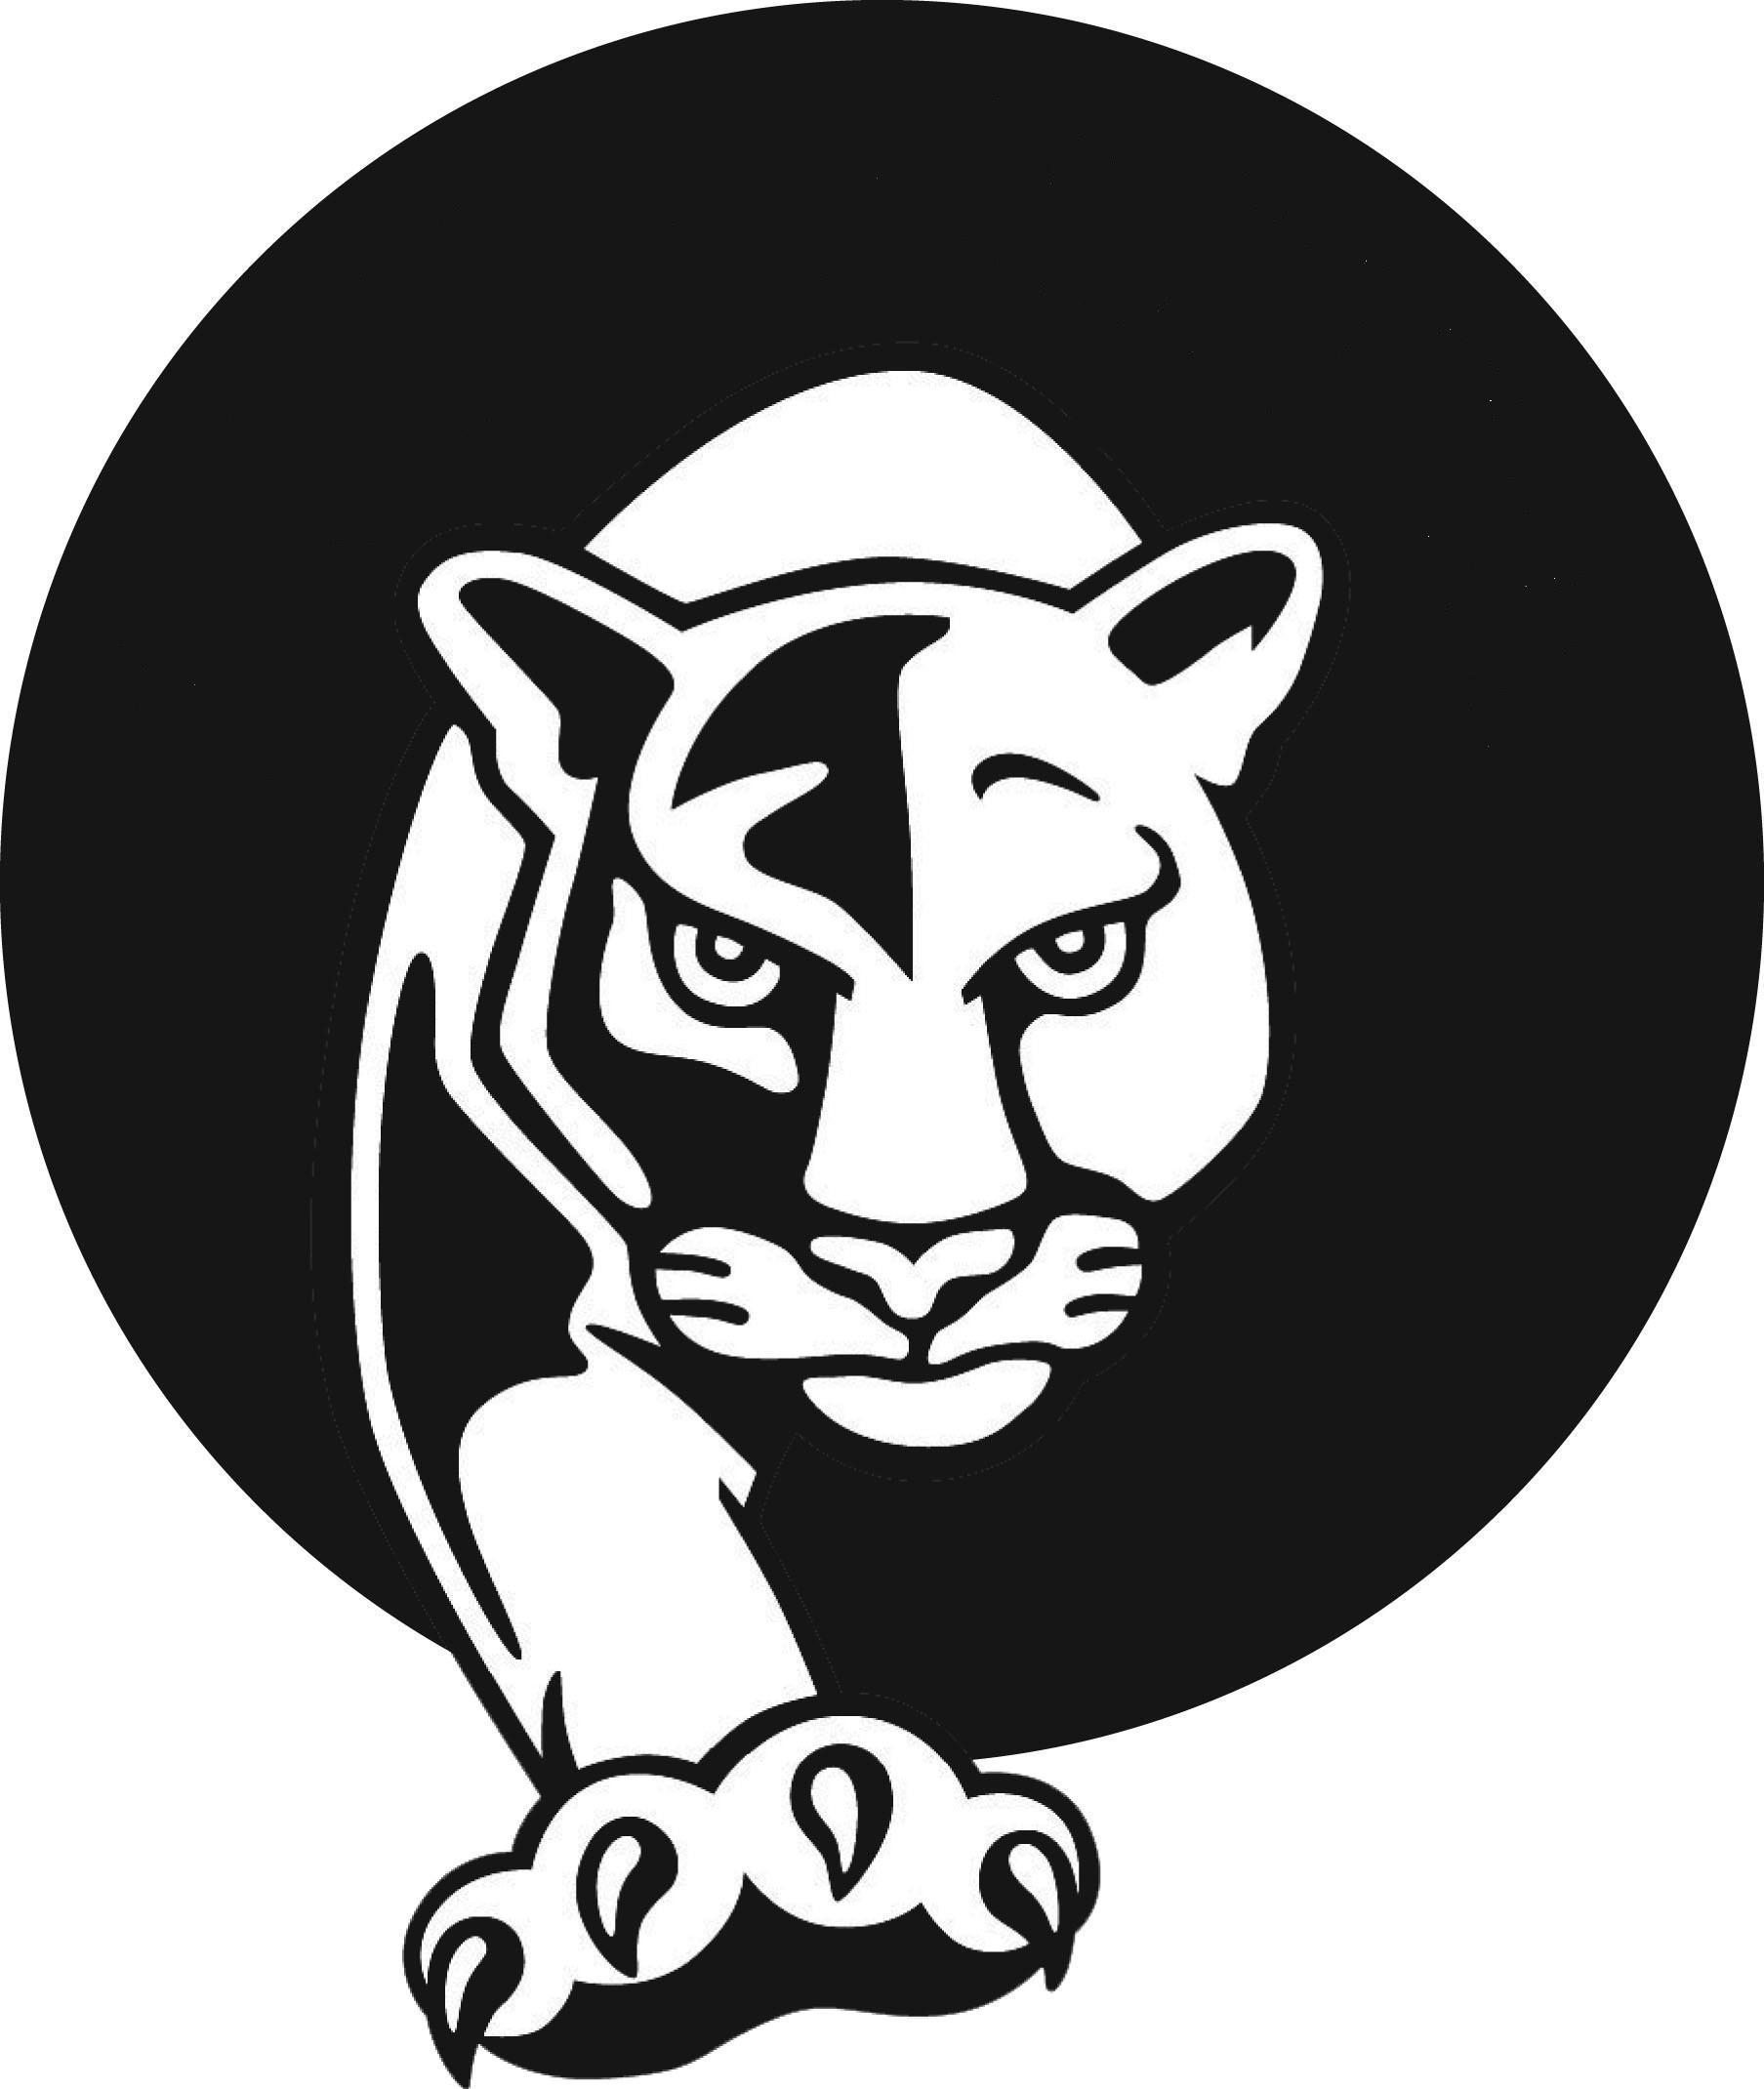 Black Panther clipart logo Photo#2 Black Black panther logo